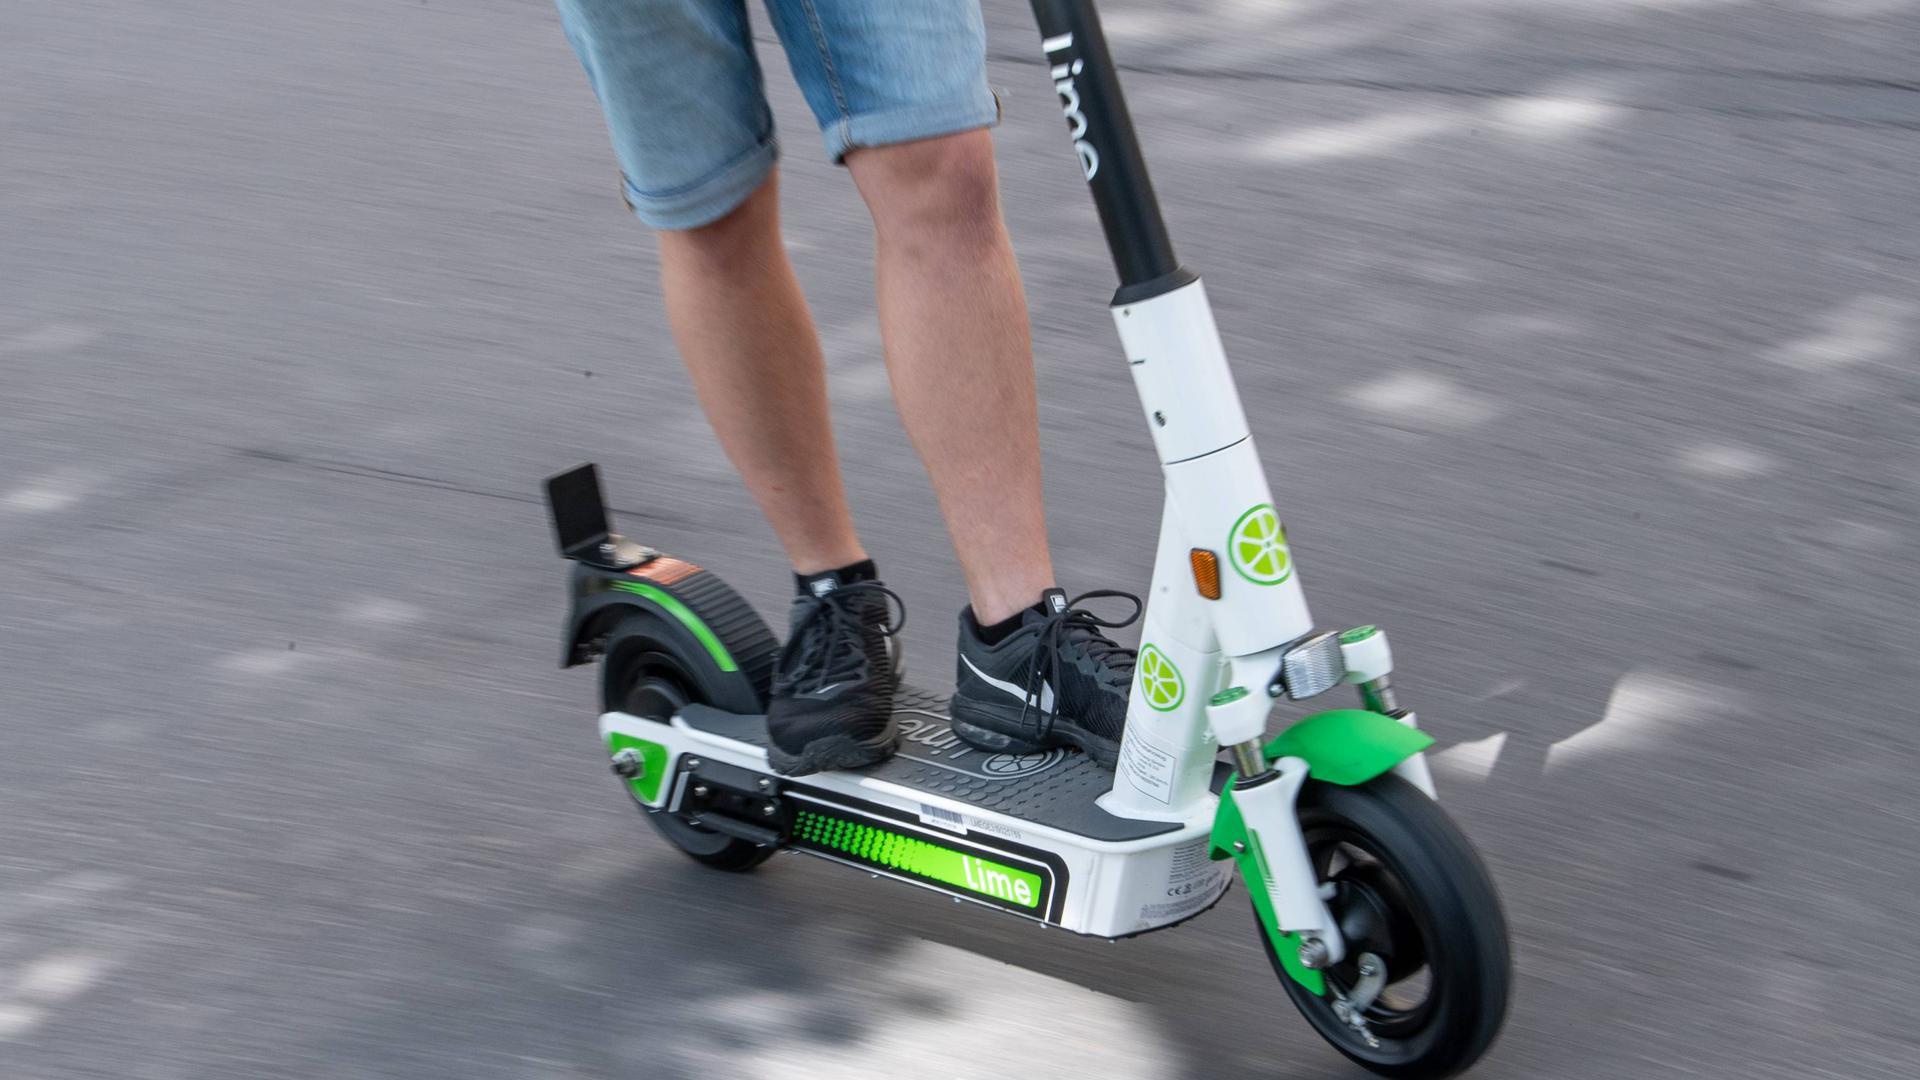 Ein Mann fährt auf einem Roller.